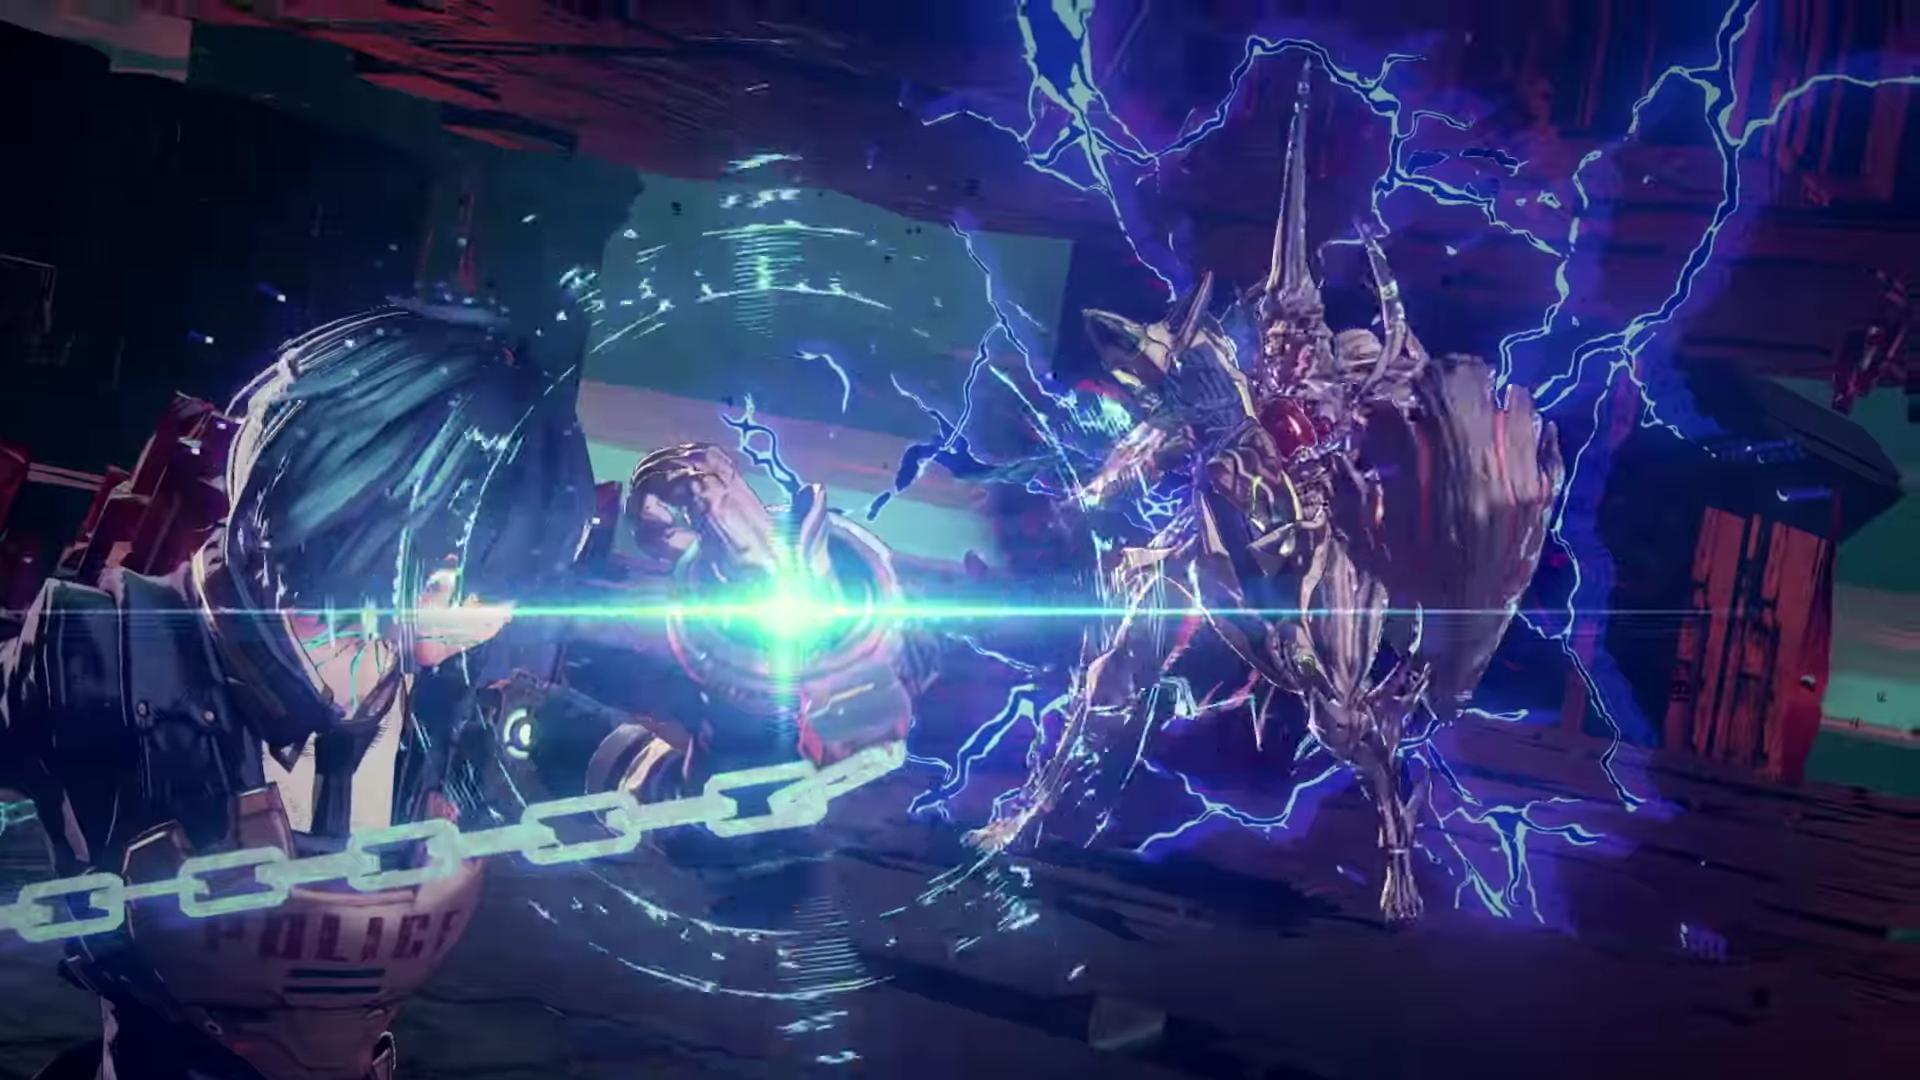 m8Gex1V - 【悲報】プラチナゲームズの新作、面白そうなのに話題にならない